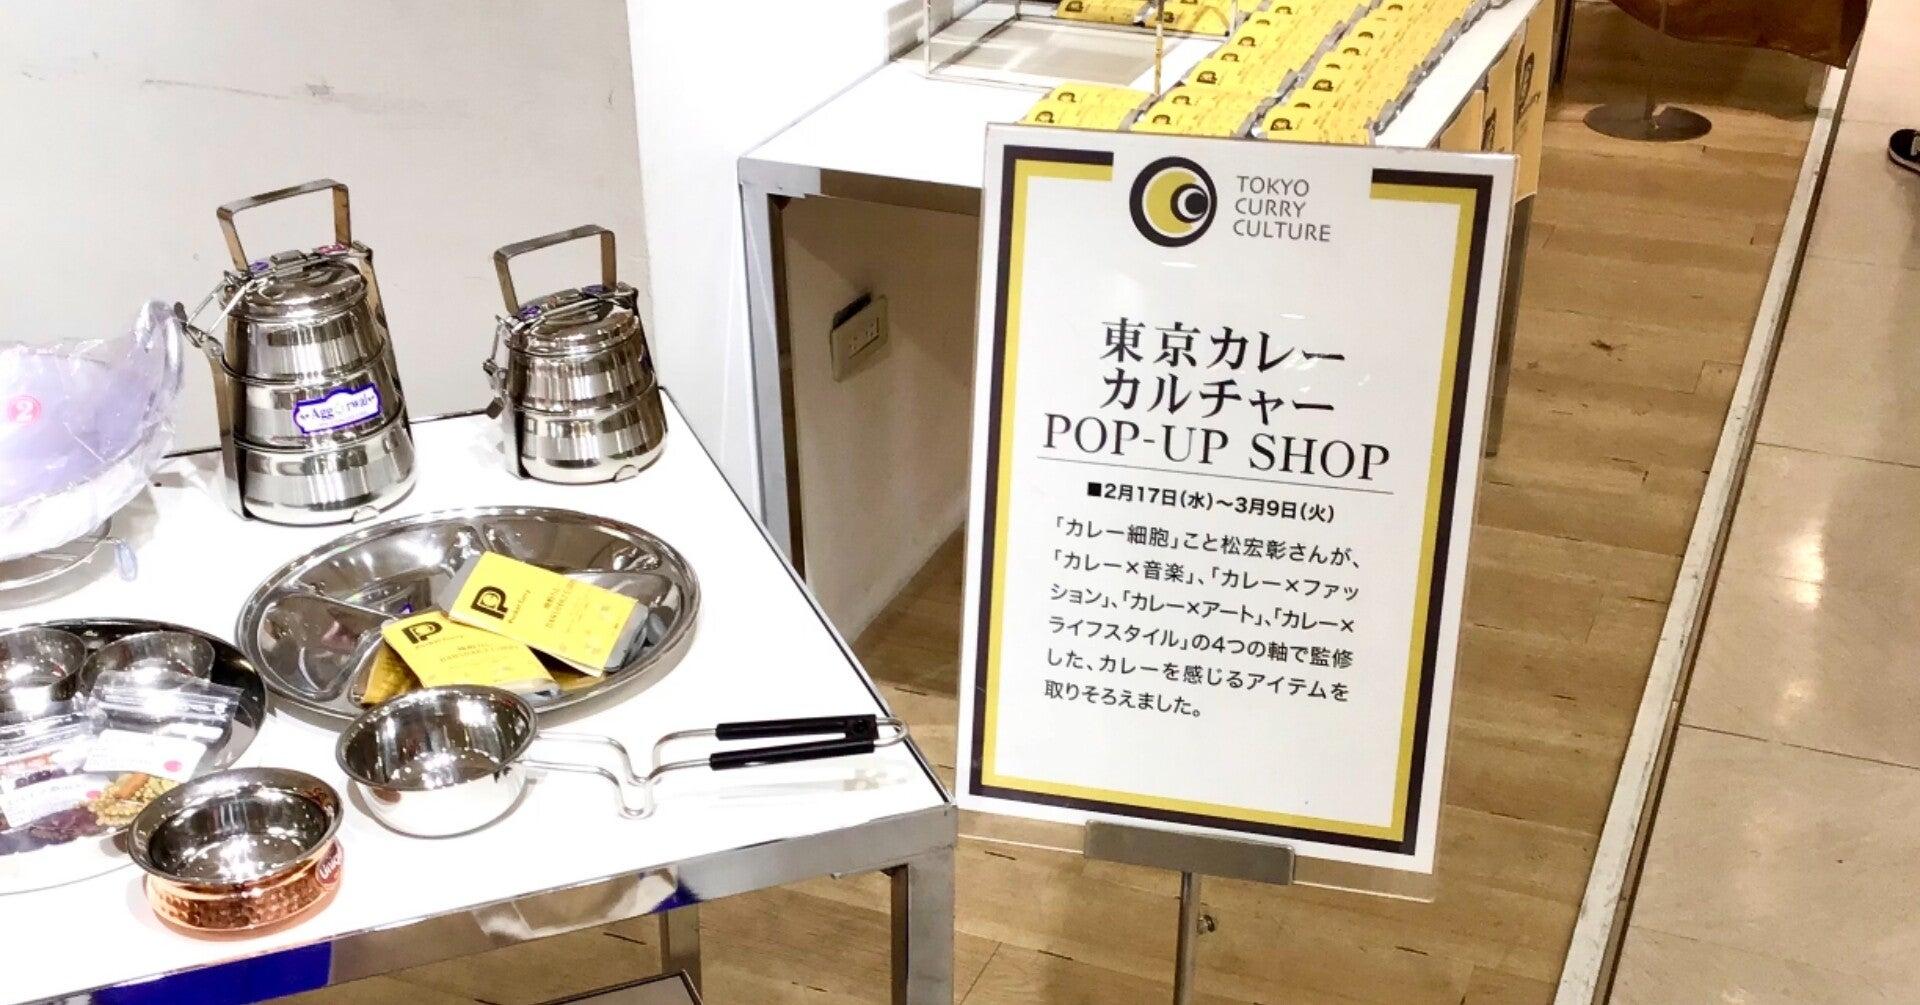 「東京カレーカルチャー」にドリンカレー登場💛